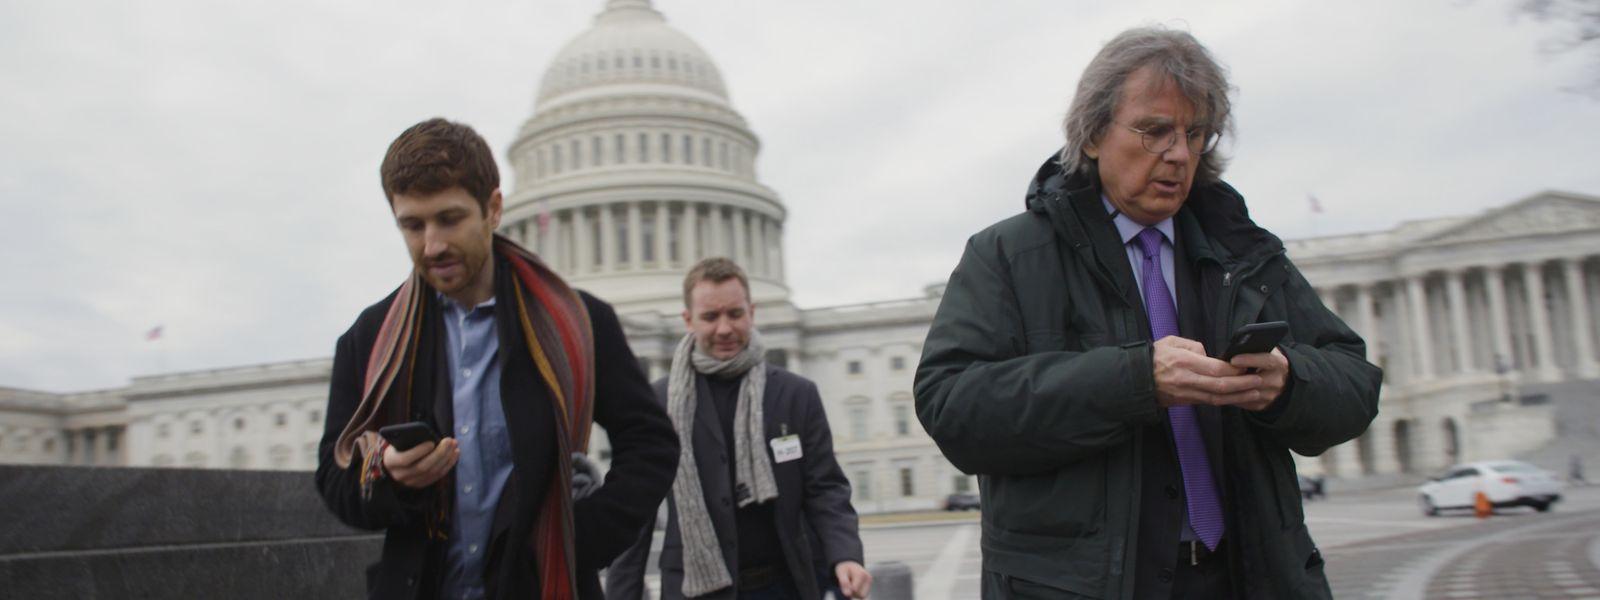 Die Macher von gestern sind die Mahner von heute: Tristan Harris (ehemals Design Ethicist bei Google), Sandy Parakilas (ehemaliger Platform Operations Manager bei Facebook) und Roger McNamee (durch Elevation Partners ehemaliger Palm- und Facebook-Investor) (v.l.n.r.).